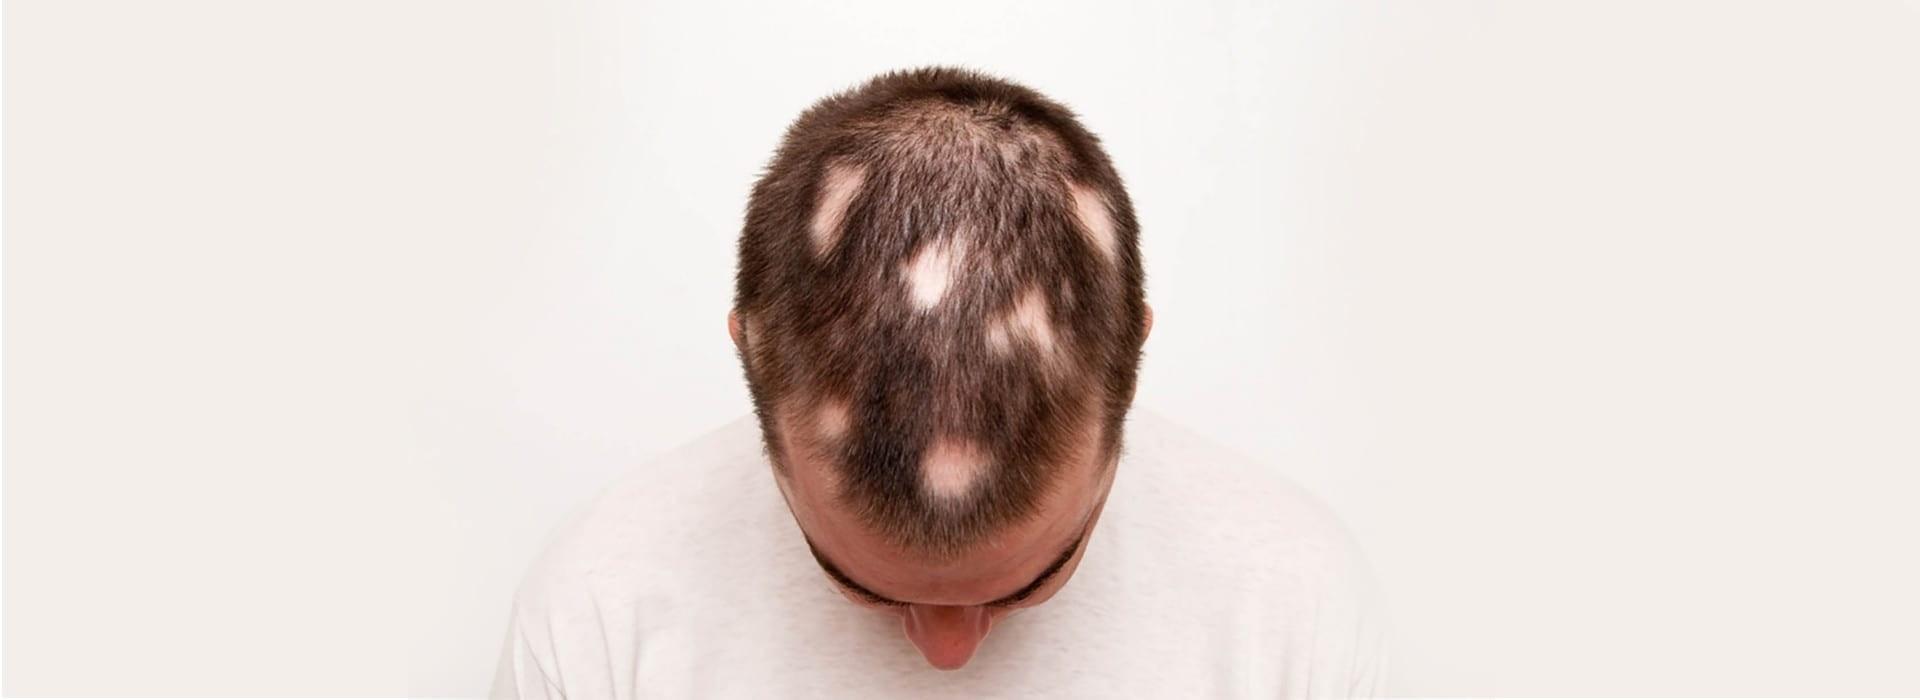 درمان ریزش مو سکهای